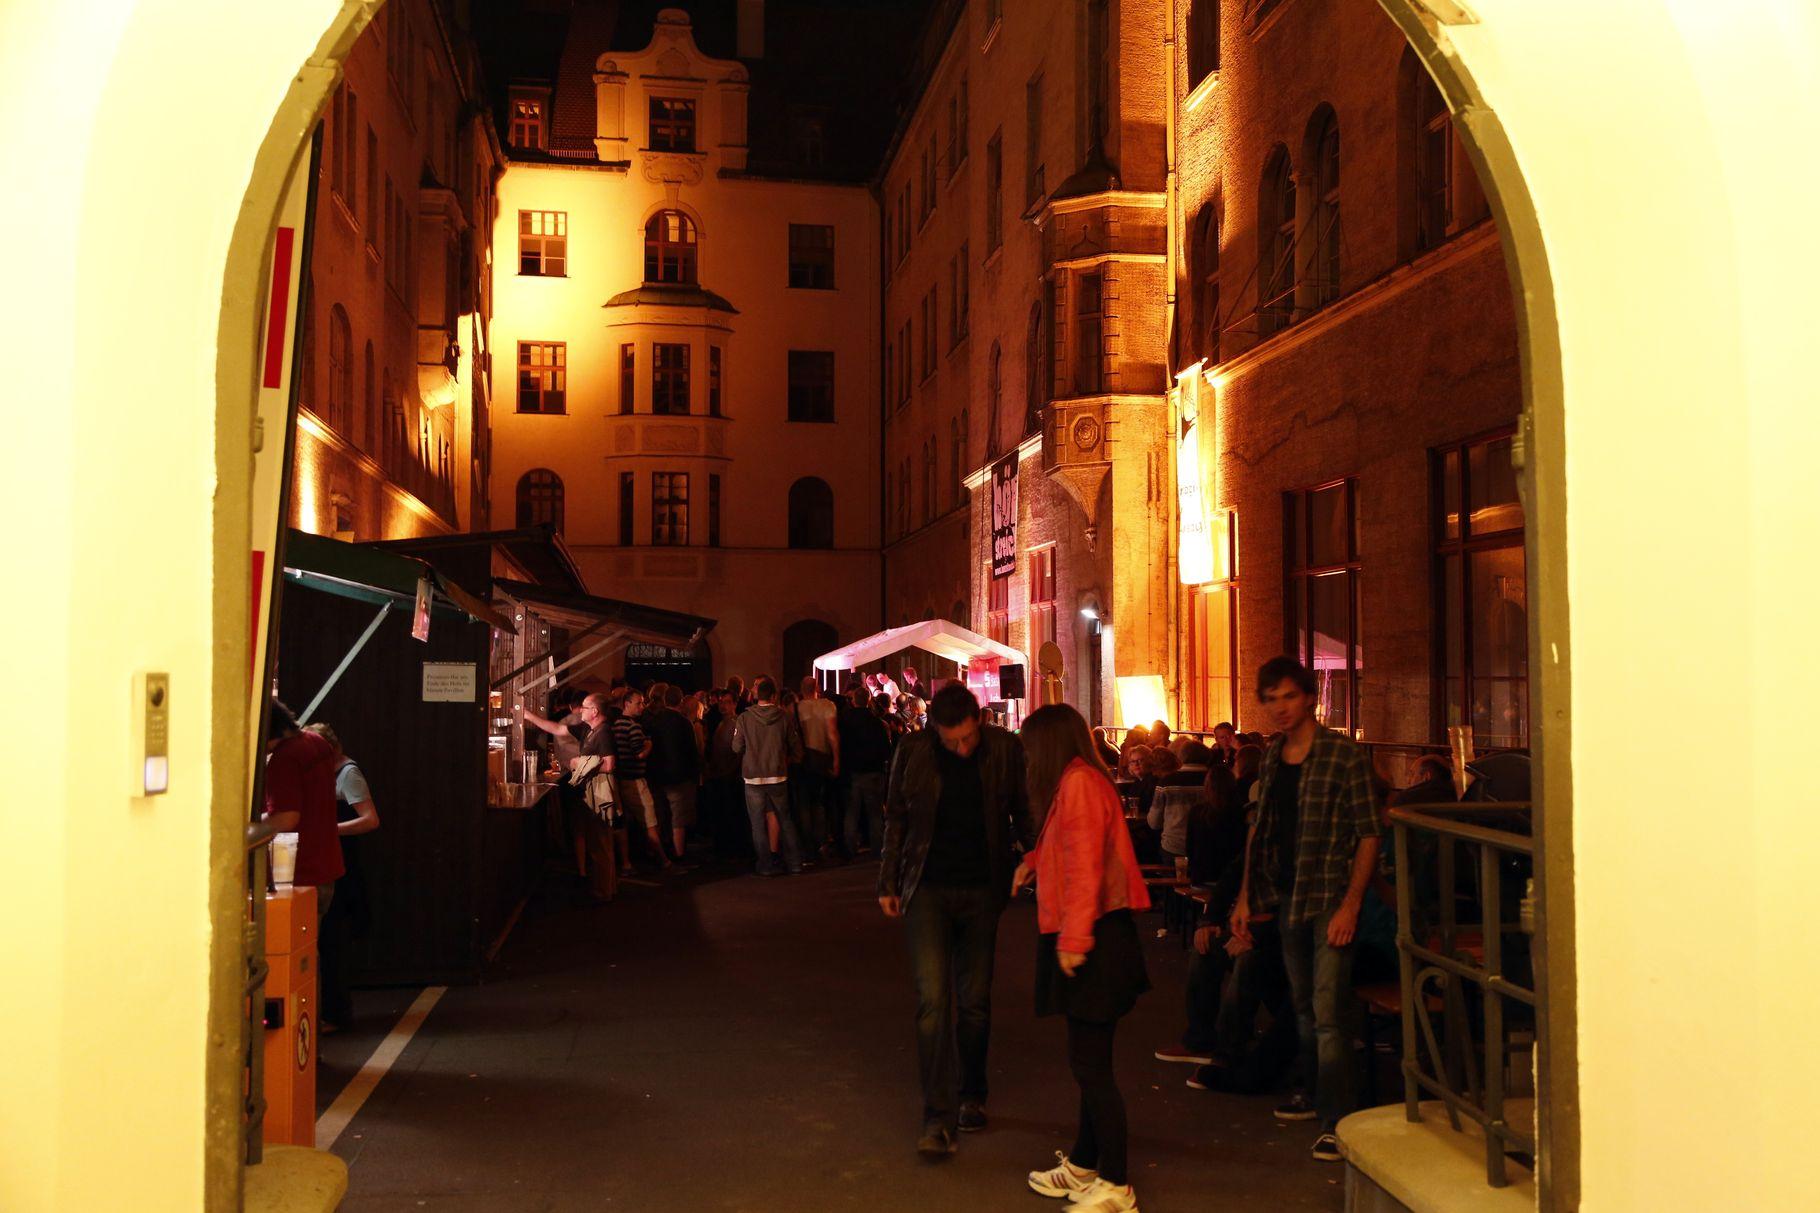 Konzerte im Bürgerhof 05.07.2013 - Freiwilligen-Zentrum Augsburg - Foto: Franz Lechner